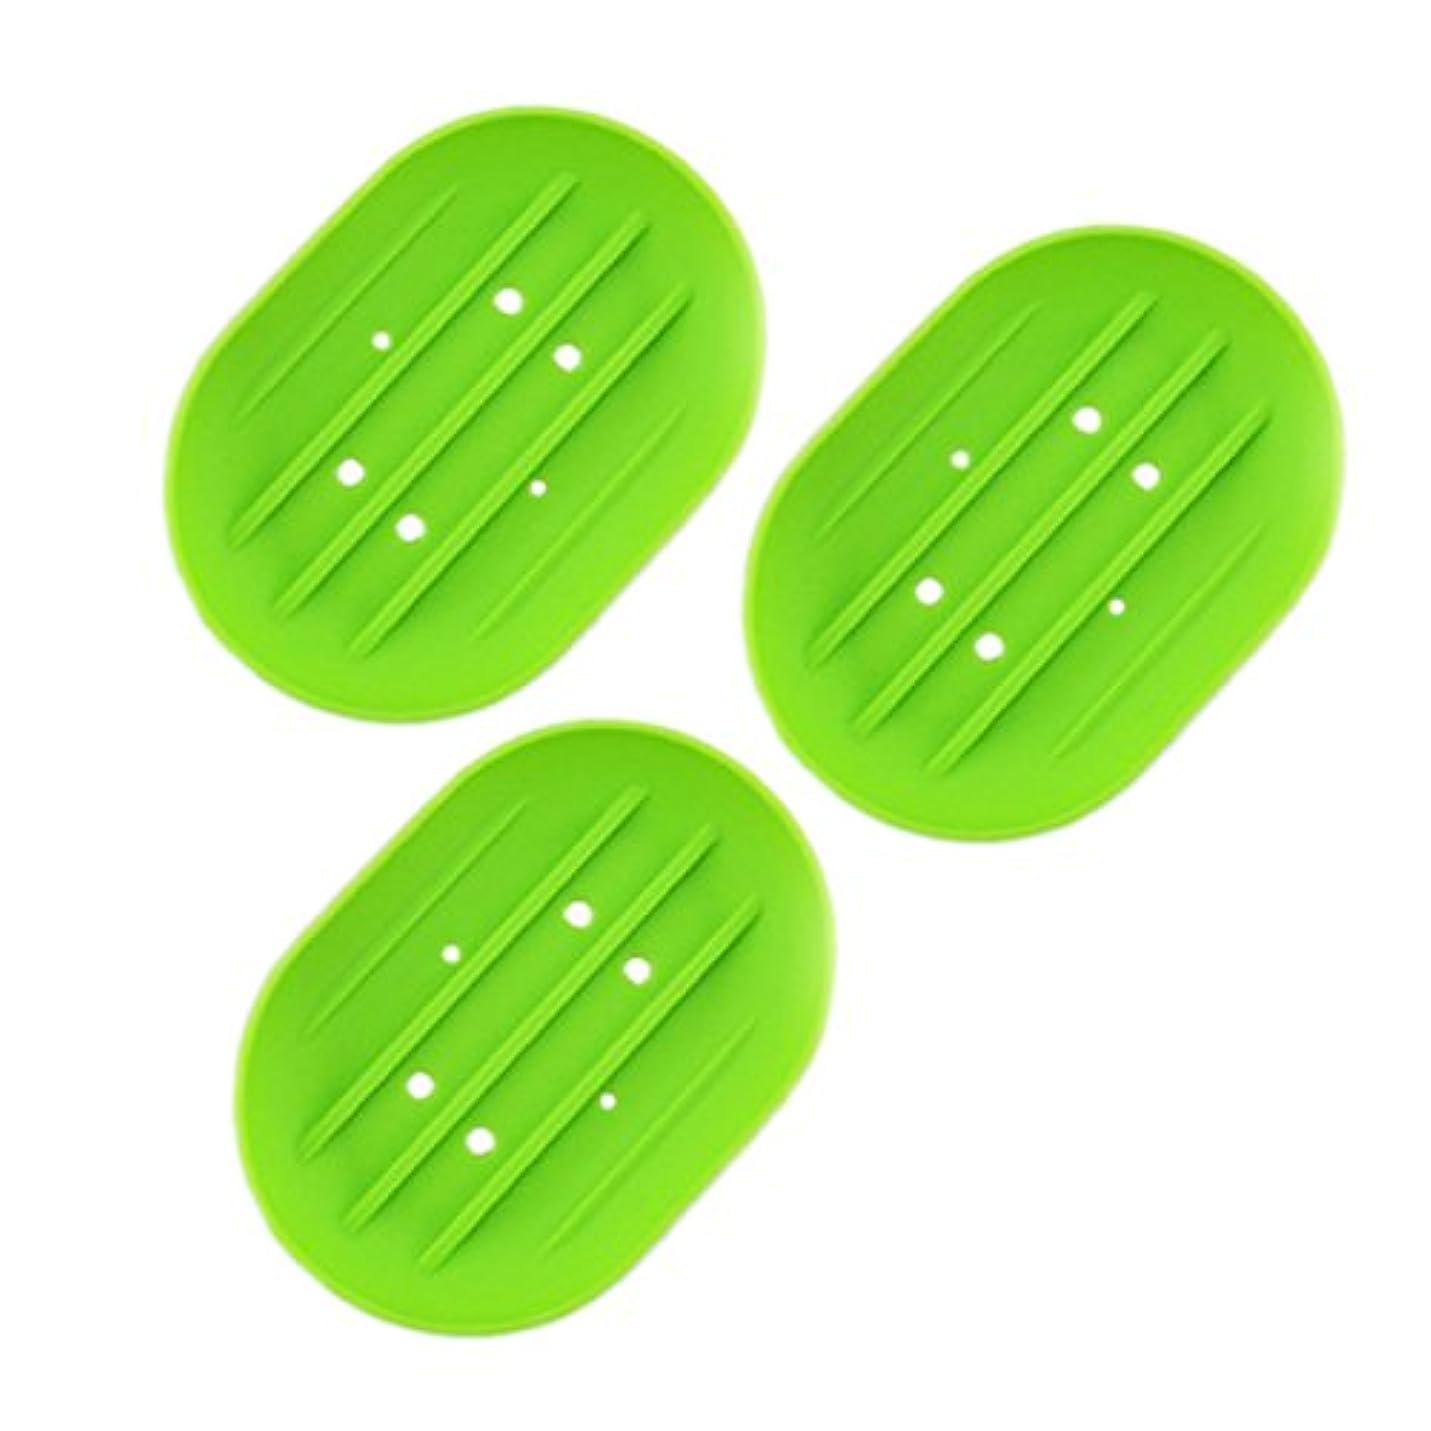 発掘するある床を掃除するBESTOMZ ソープディッシュソープホルダー, 石鹸トレイ乾燥石鹸バー 浴室用キッチン用3連グリーン用